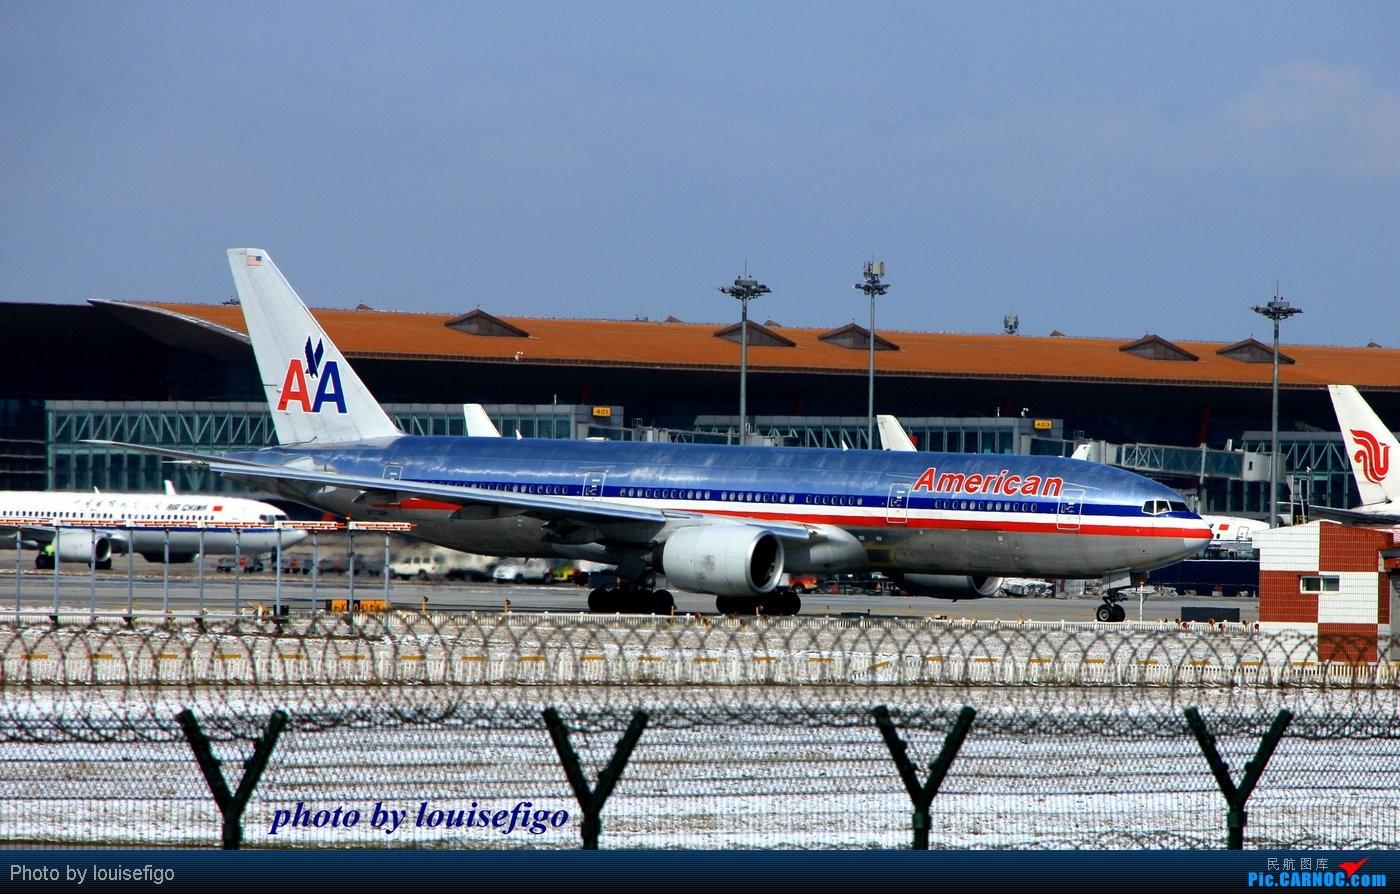 Re:[原创]整理了一下最近的图片,发现了张还算稀罕的~~~附赠一张大钢管儿! BOEING 777-200 N773AN 北京首都国际机场